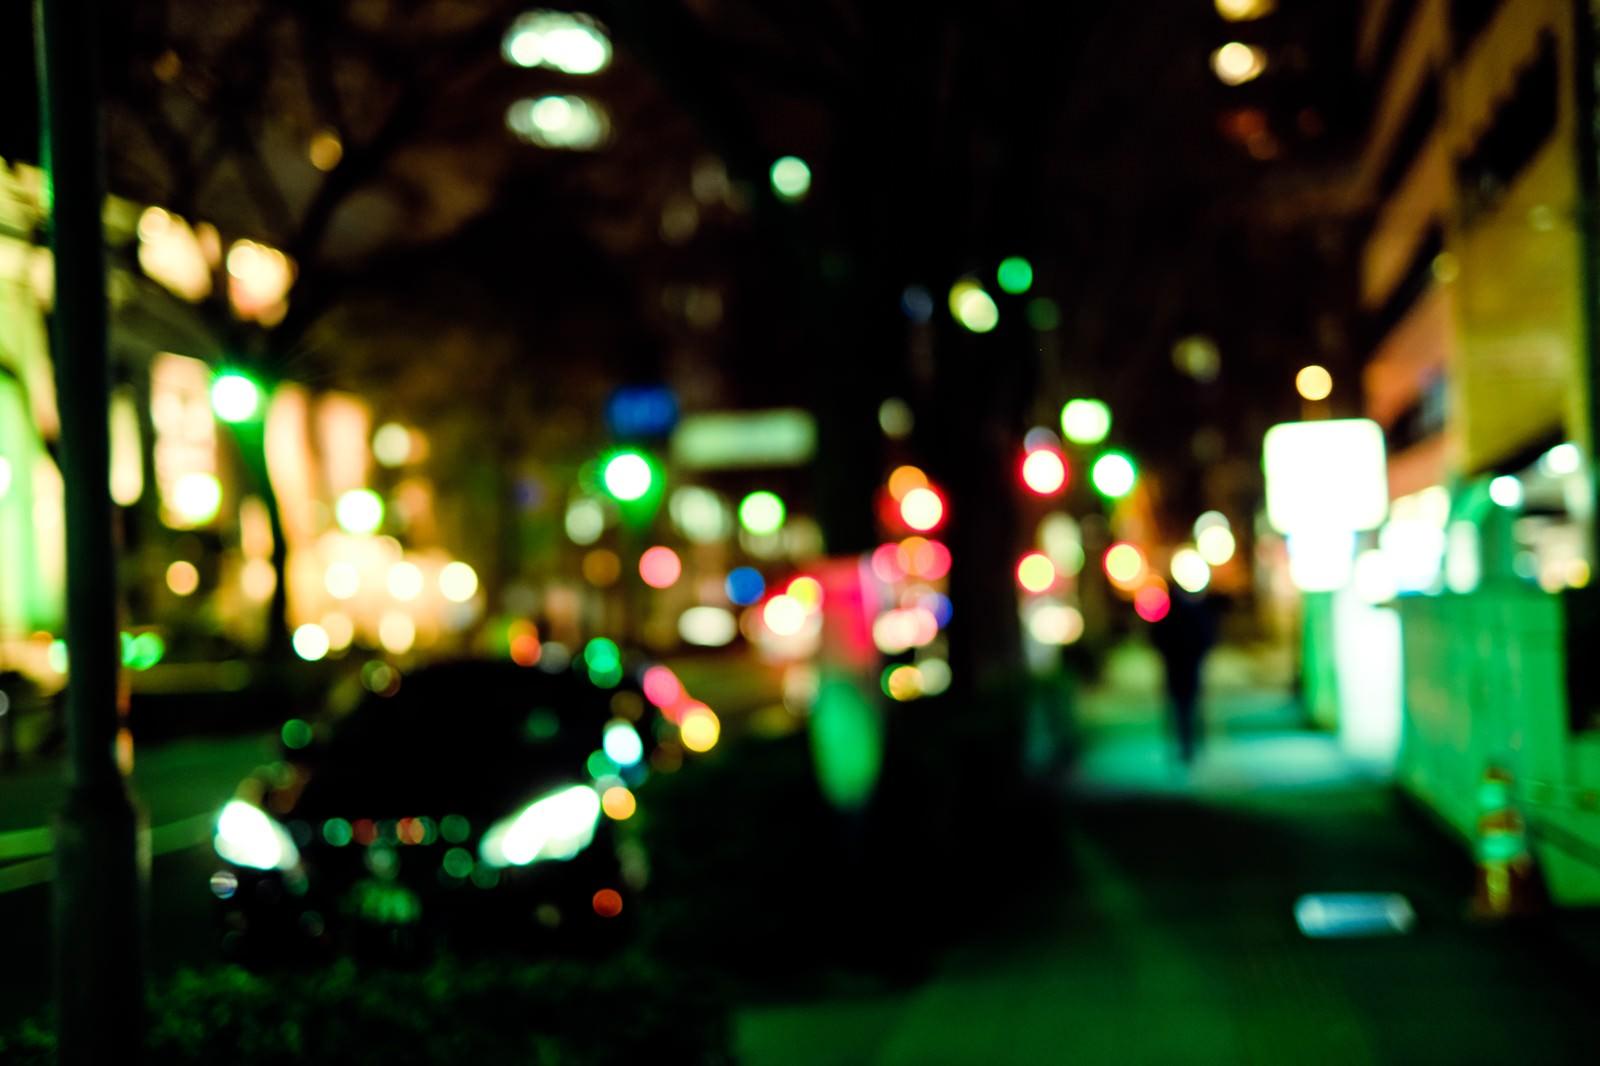 「大通りを抜けた横道(夜間)」の写真